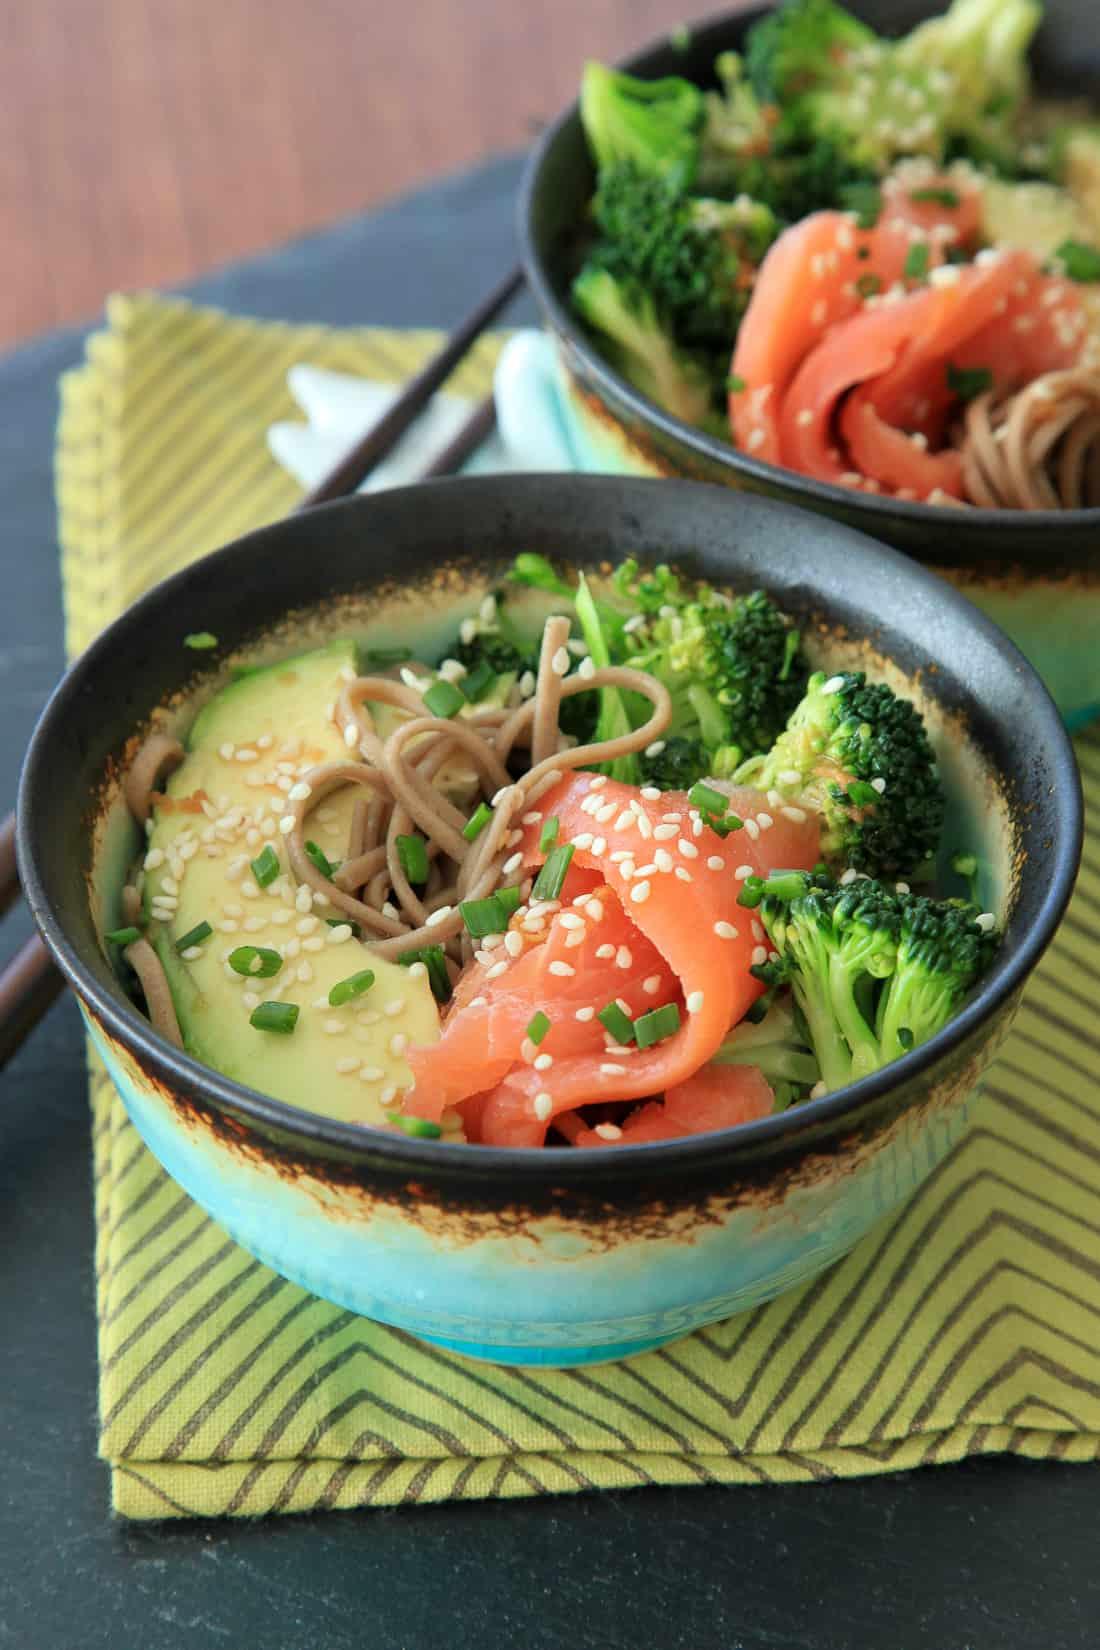 Smoked salmon soba bowl with broccoli